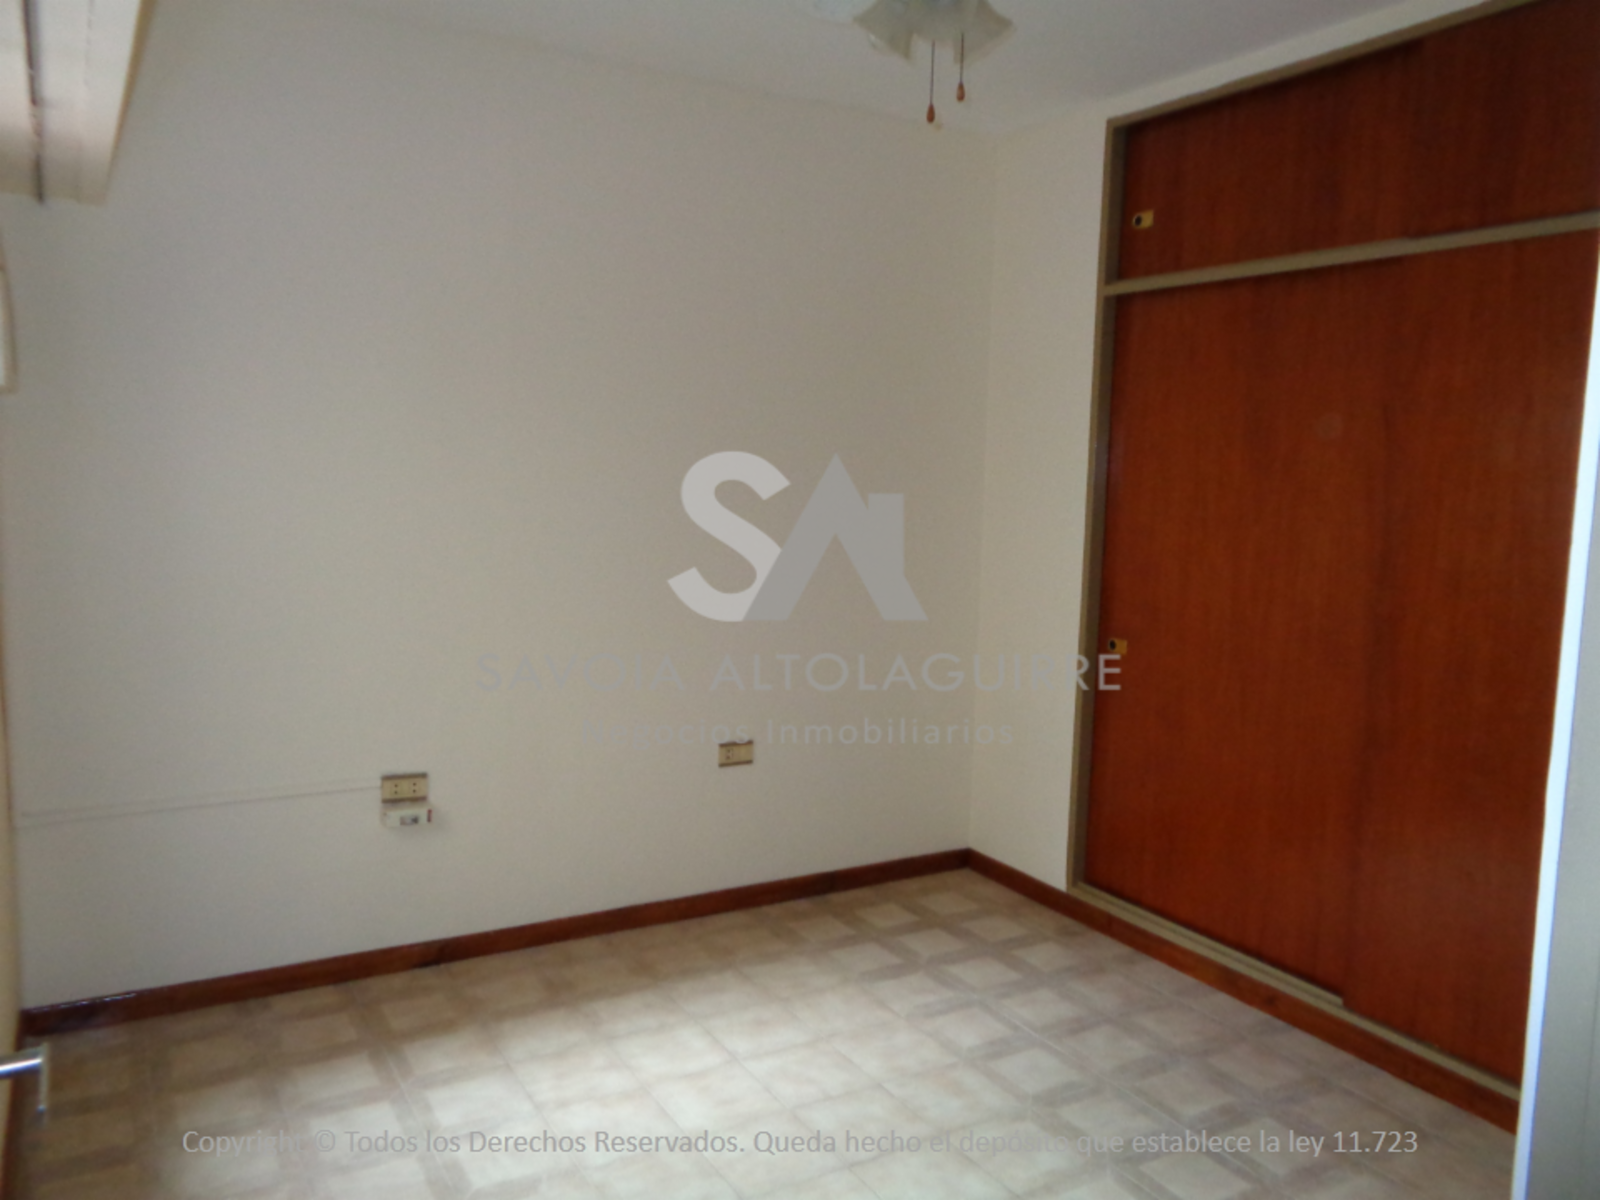 ALQUILA: DEPARTAMENTO 2 DORMITORIOS S/ CALLE SARMIENTO., Savoia Altolaguirre Negocios Inmobiliarios